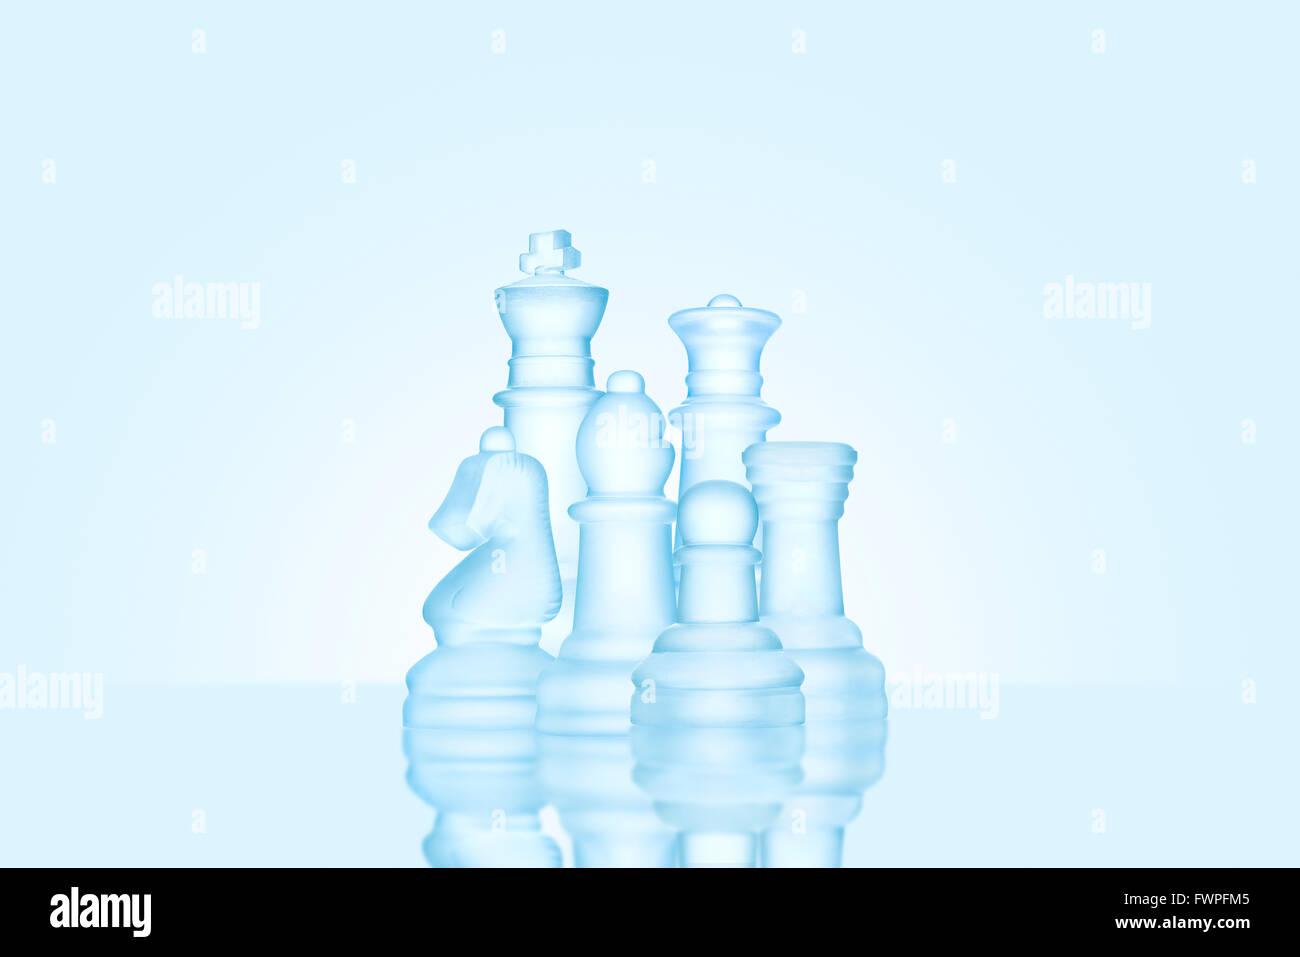 Stratégie et concept de leadership; les chiffres d'échecs dépoli fait de glace, debout ensemble en famille prêt pour jeu. Banque D'Images